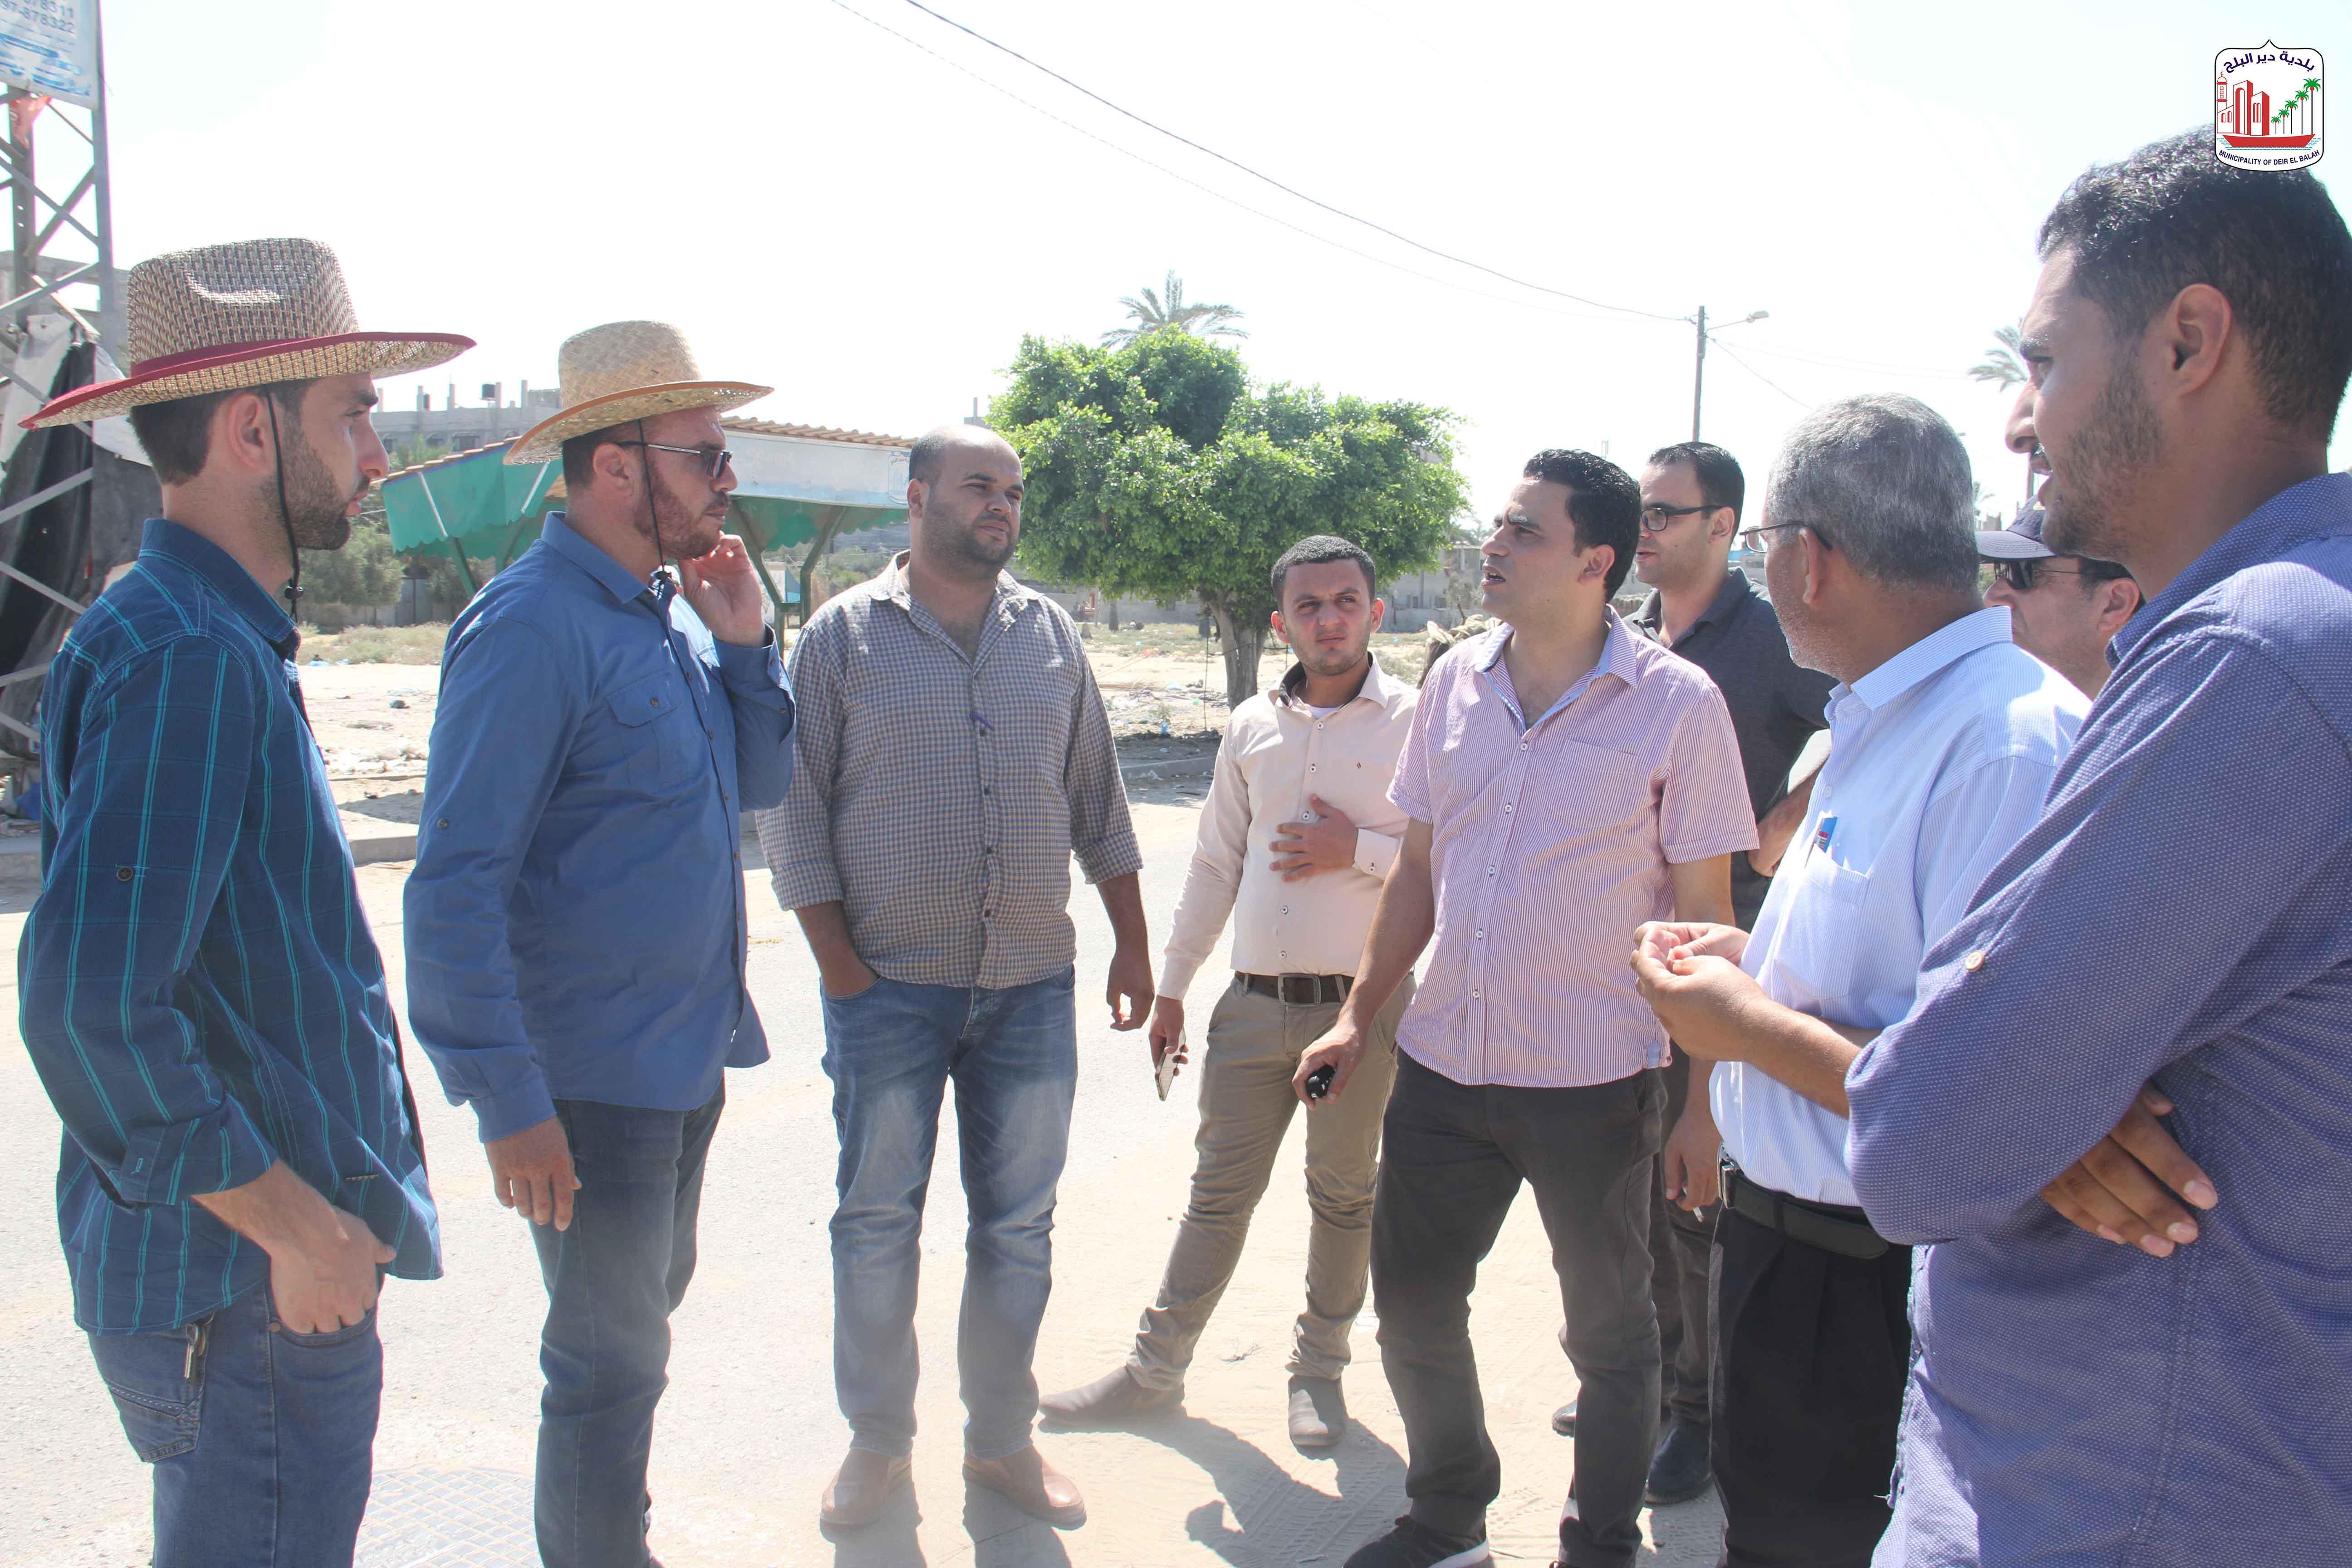 جانب من الاجتماع التمهيدي للمقاولين لمشروع تطوير شارع النخل